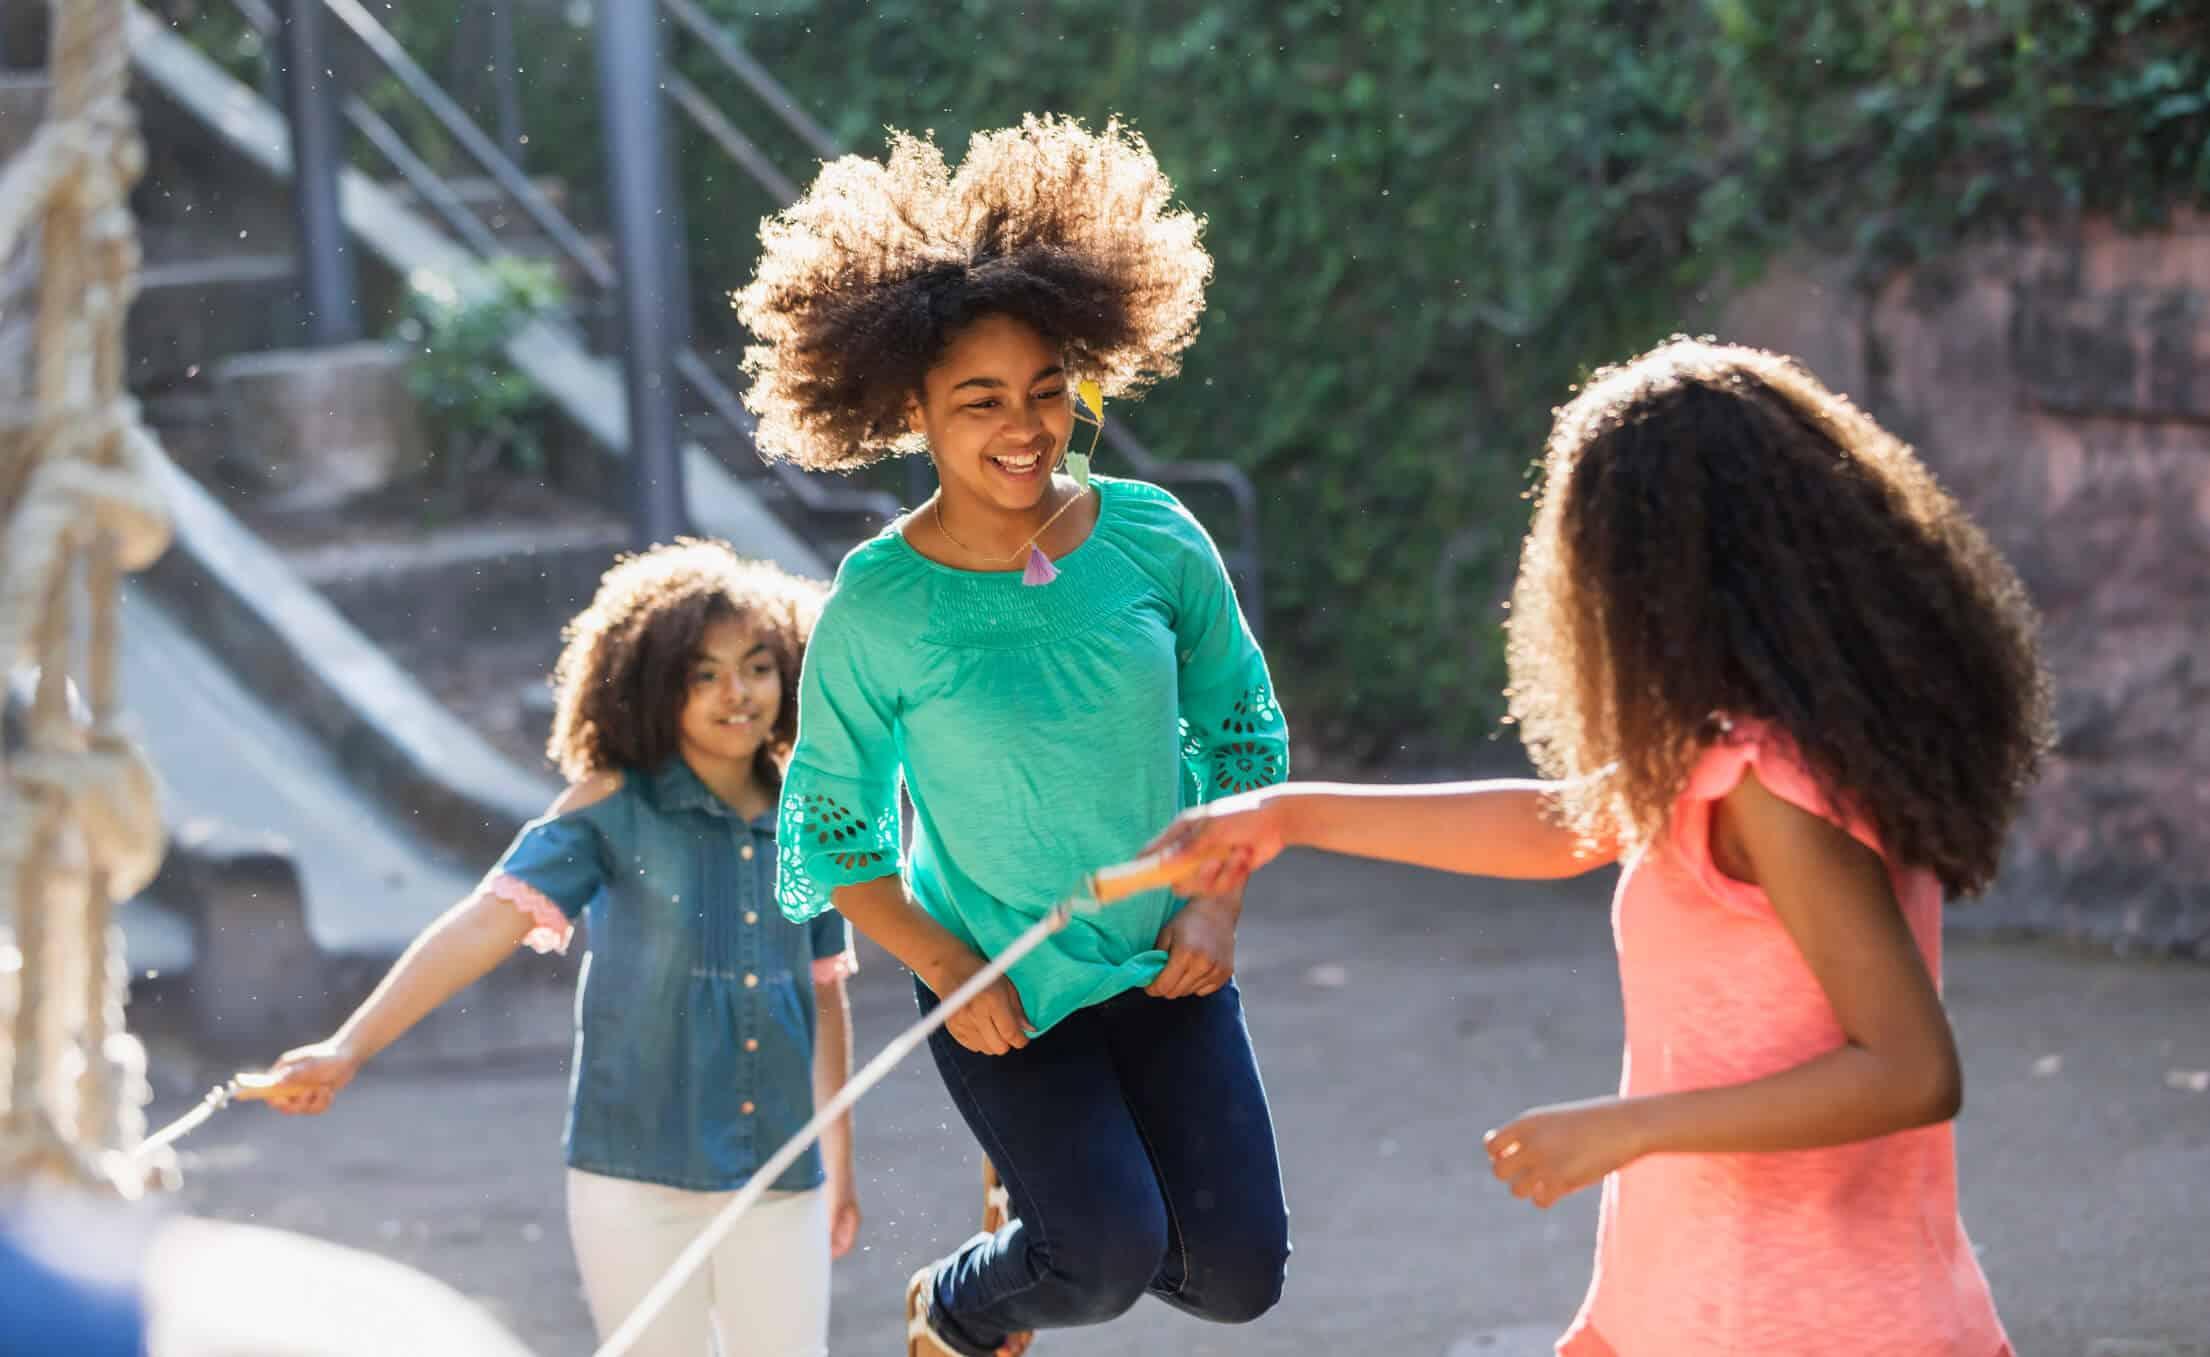 brincadeira: crianças se divertindo pulando corda em pátio de casa